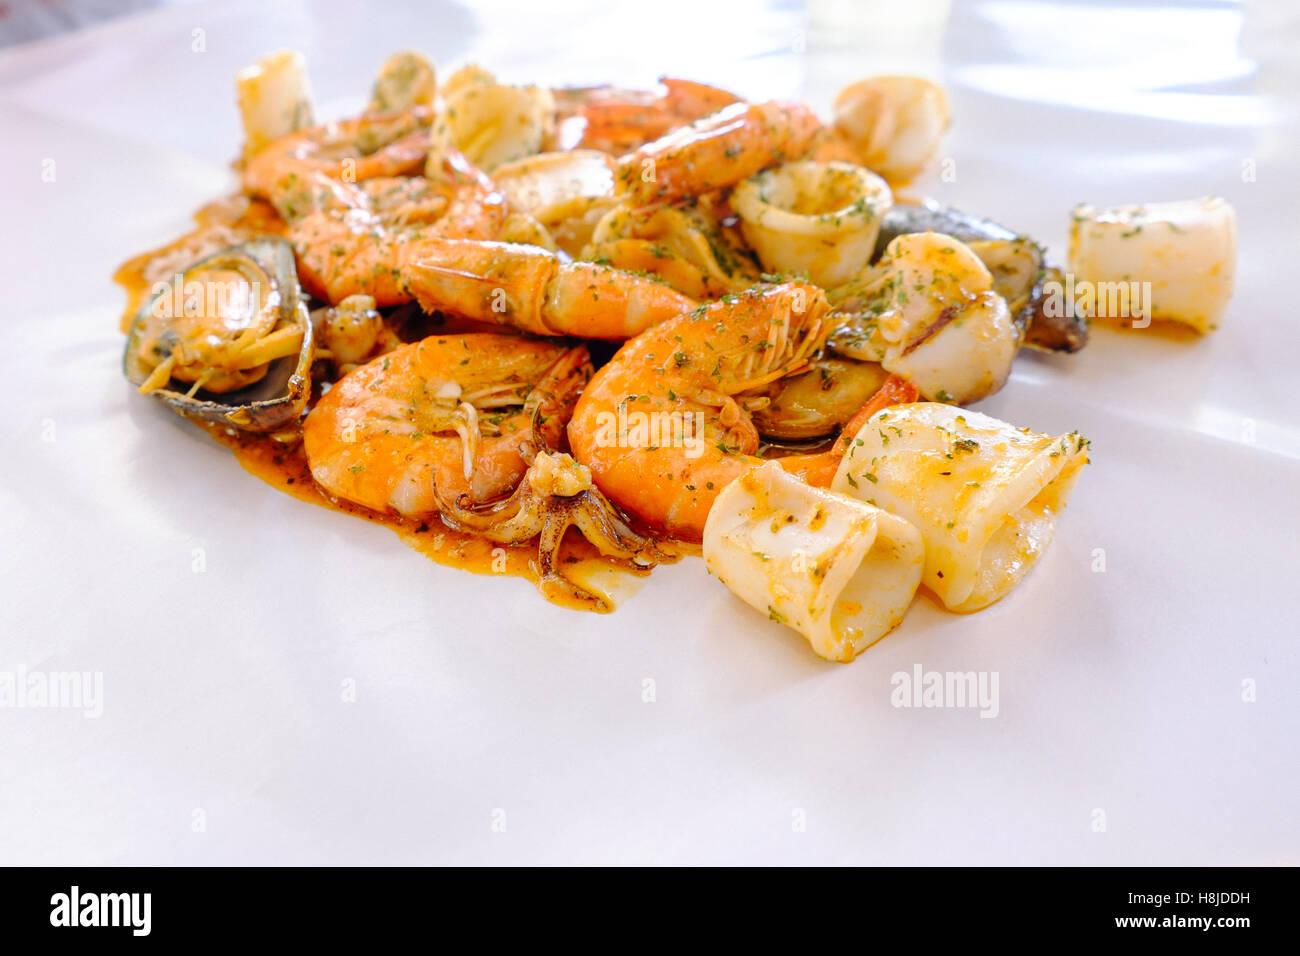 Frescos, mariscos, comida de mar, langosta, ostras, antecedentes, pulpos, mariscos, menú, pescado, limón, sobrecarga, vapor, negro, hielo, d Foto de stock